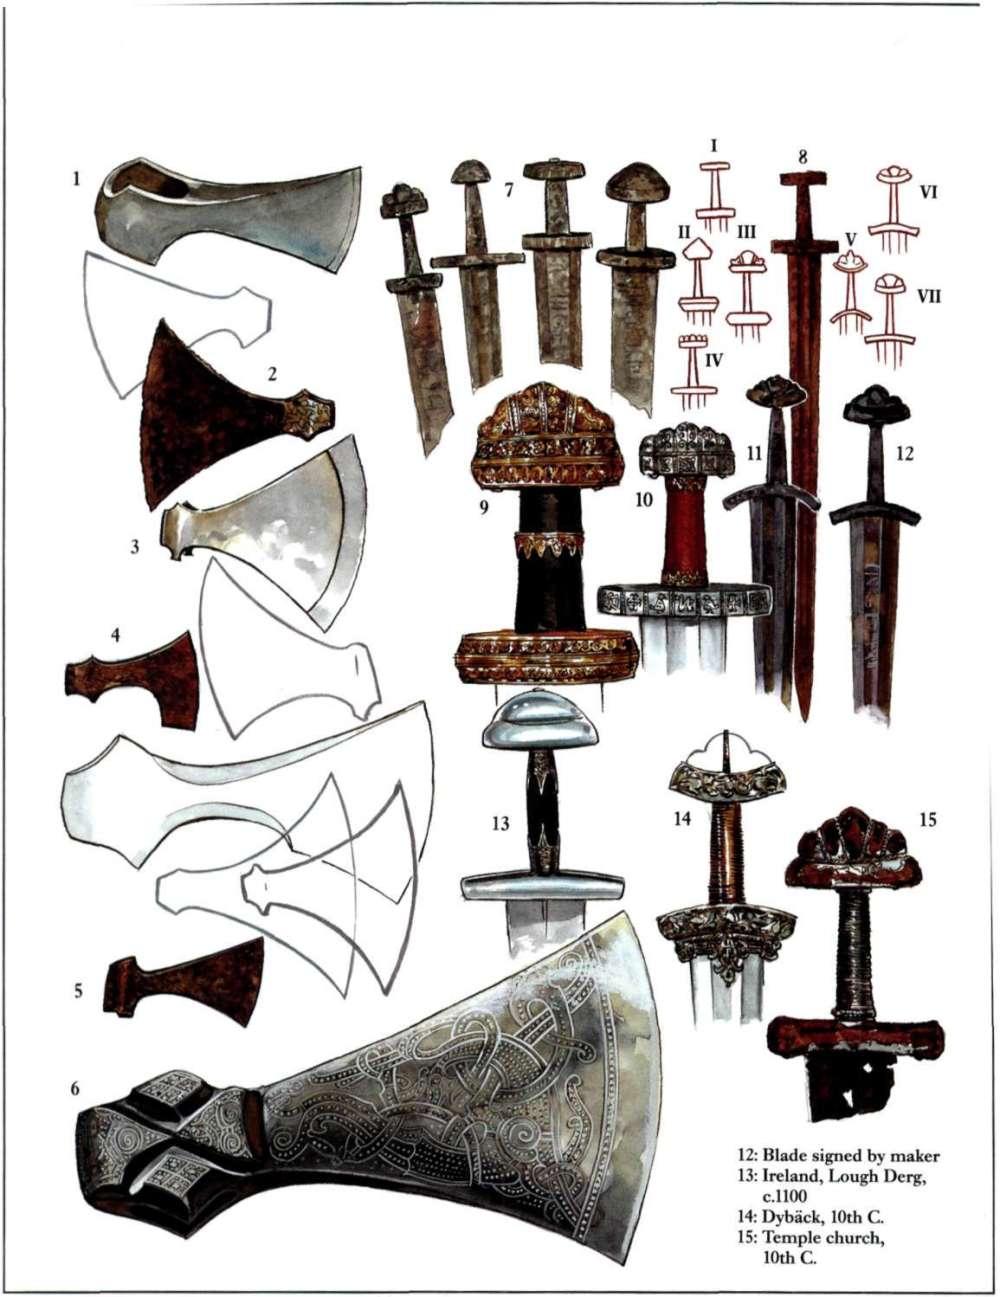 维京战斧和剑,虽然他们会用铭文标明武器属于谁,但是历经千年的锈蚀往往让武器上的铭文难以辨认